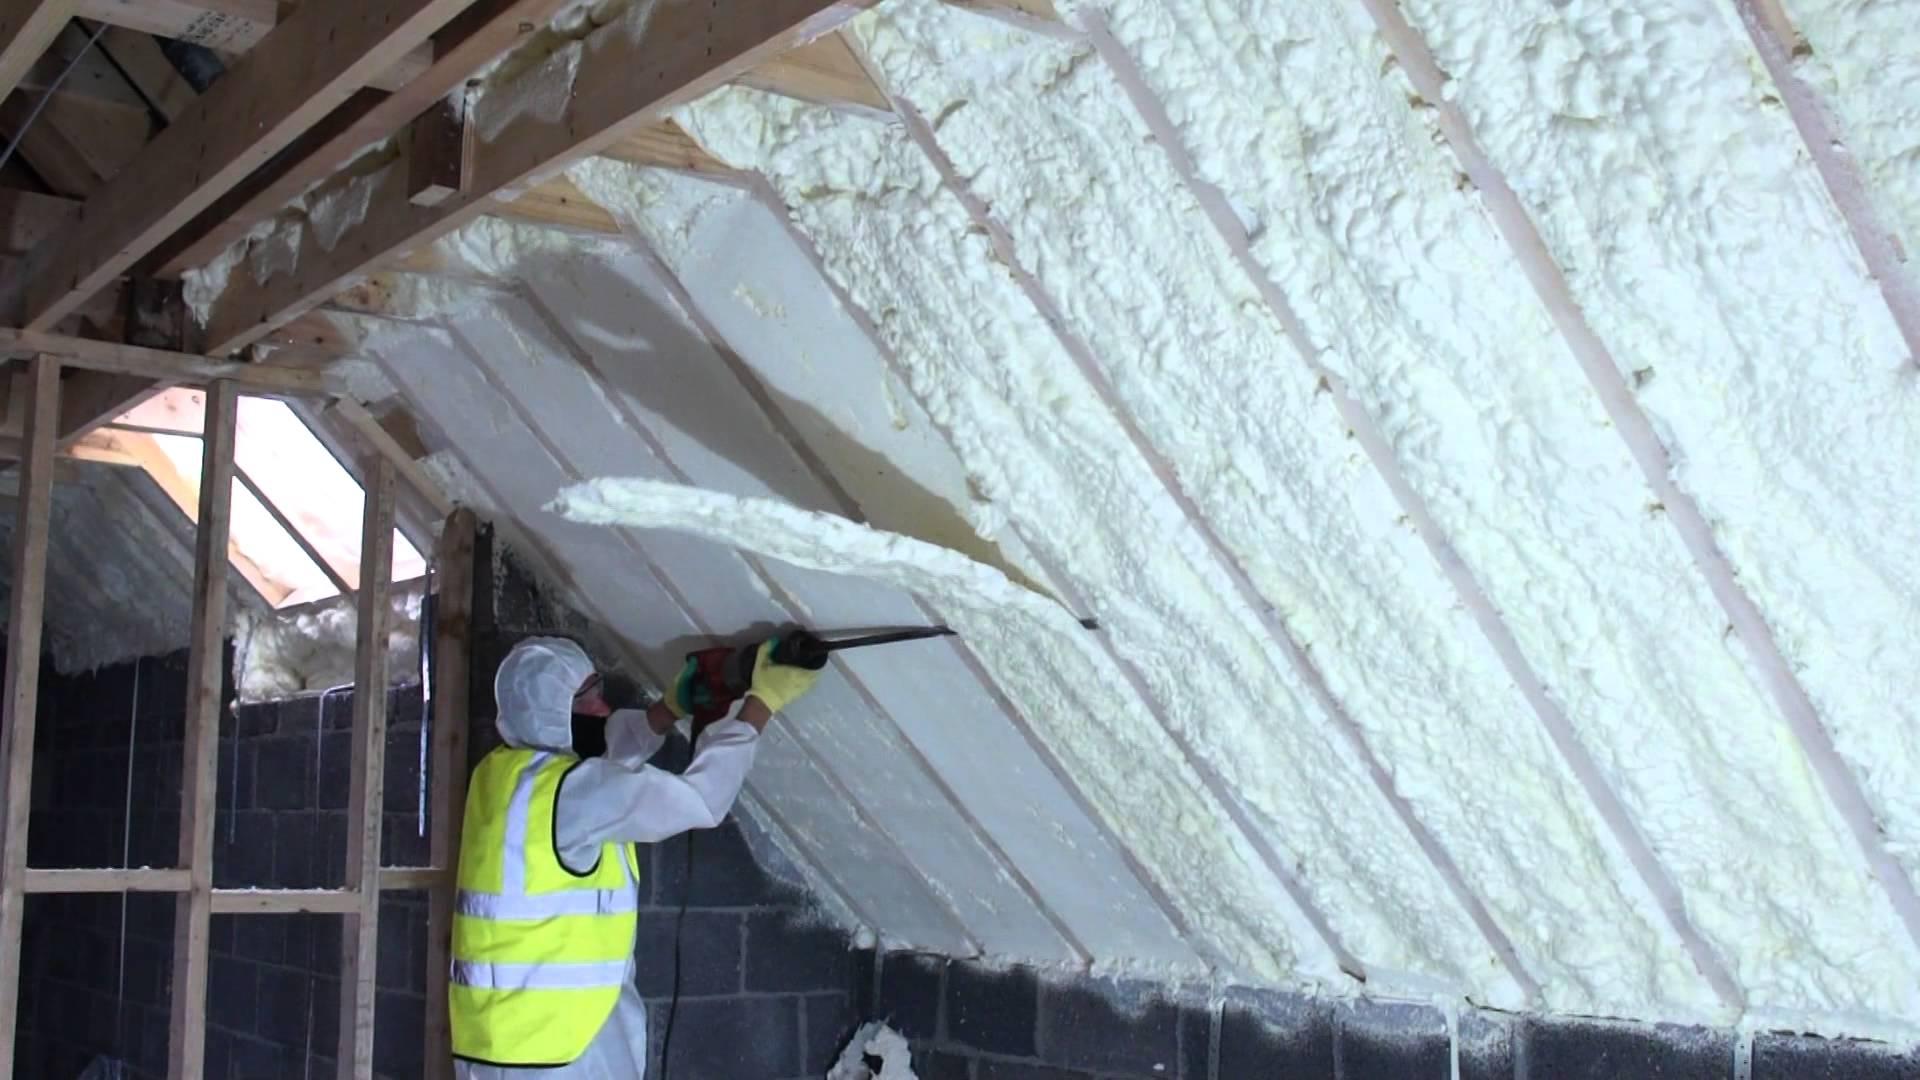 spray foam of attic using fusion sprayfoam insulation being cut.